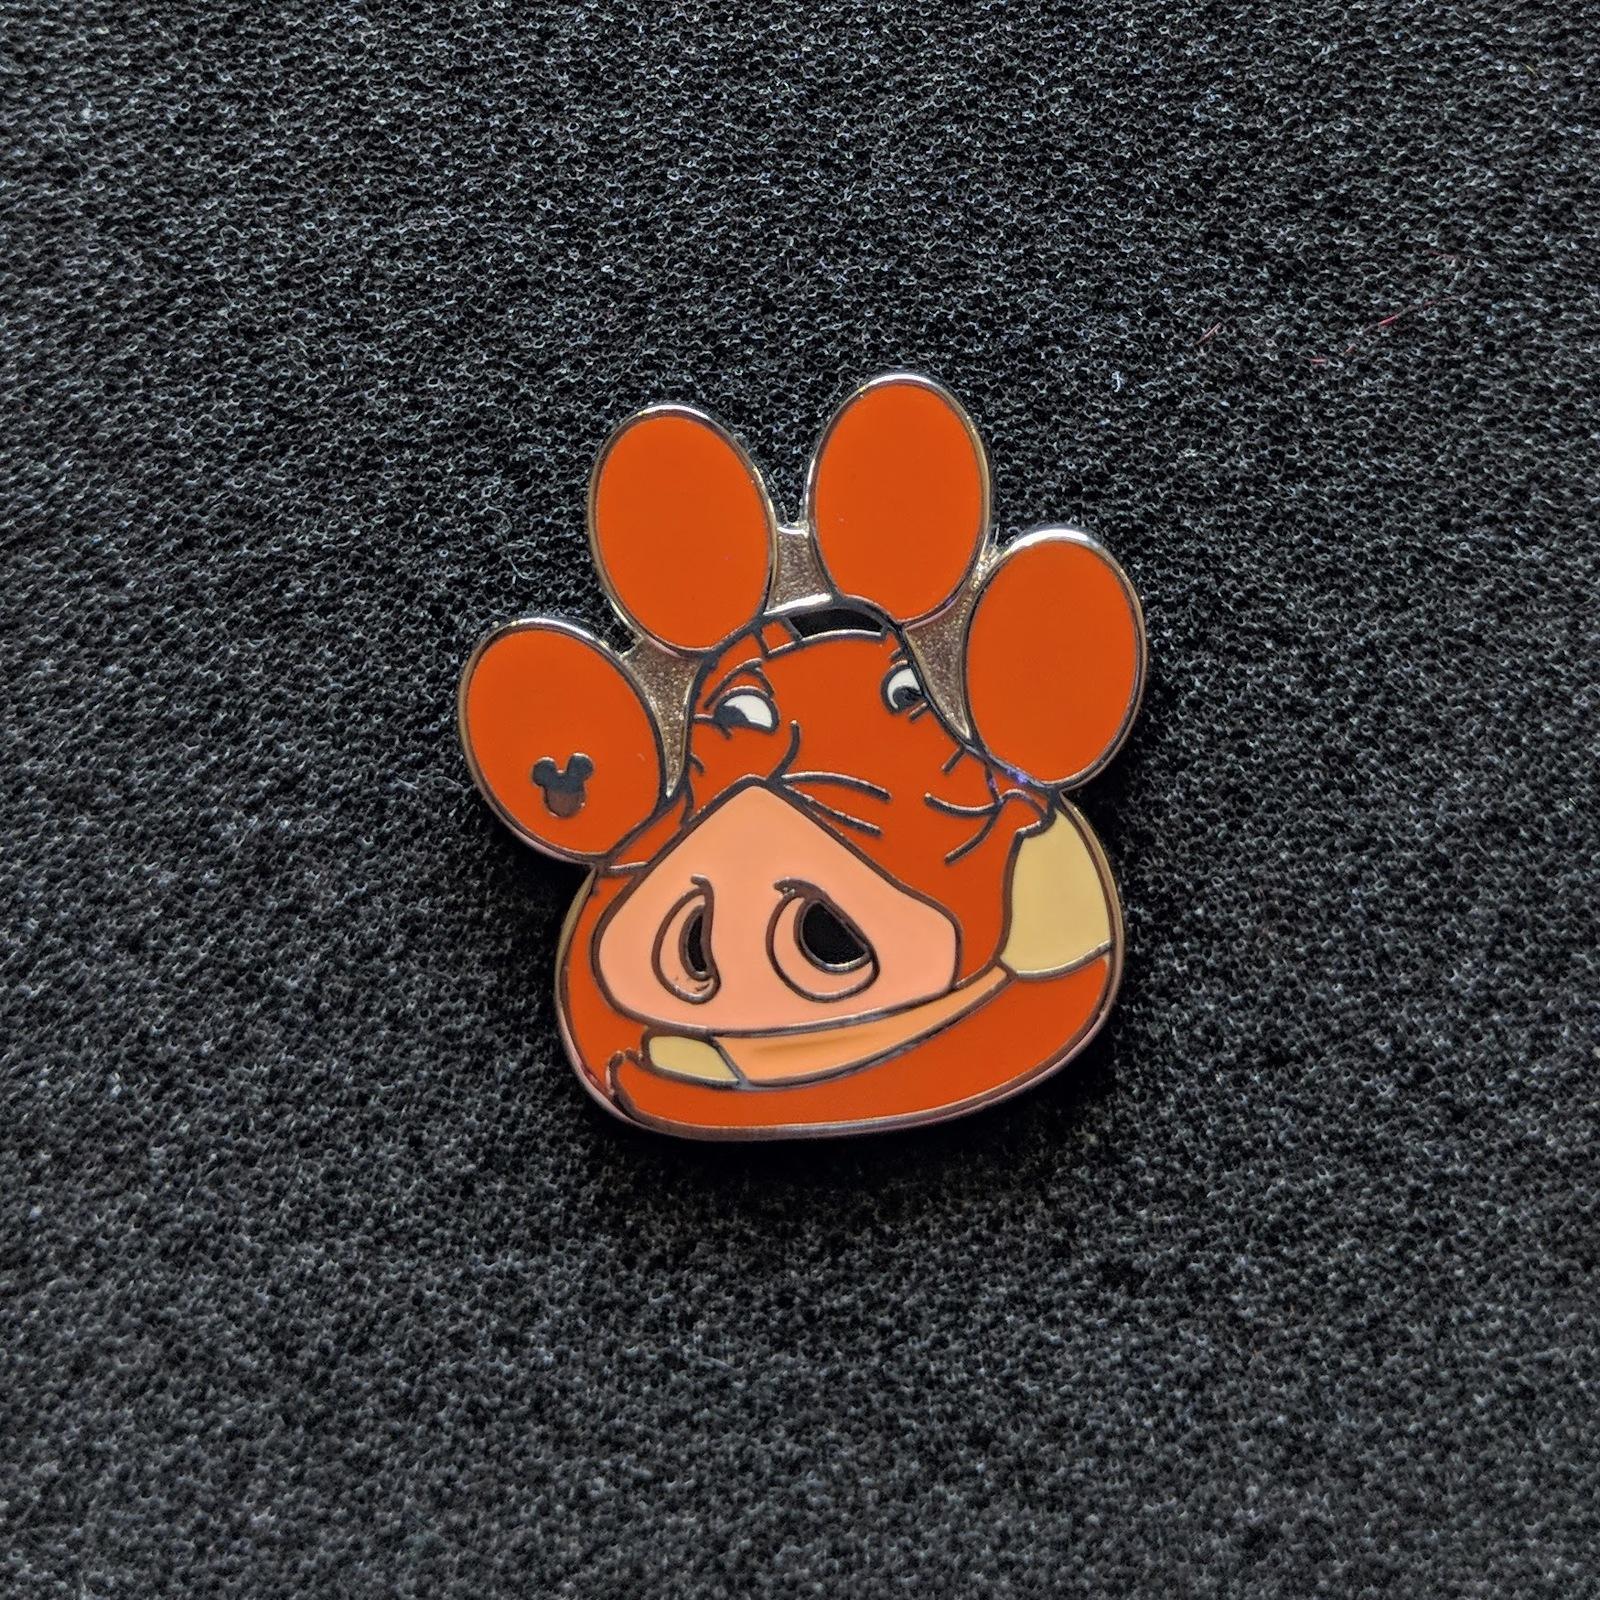 Pumbaa From Lion King, Paw Print. Disney Lapel Pin